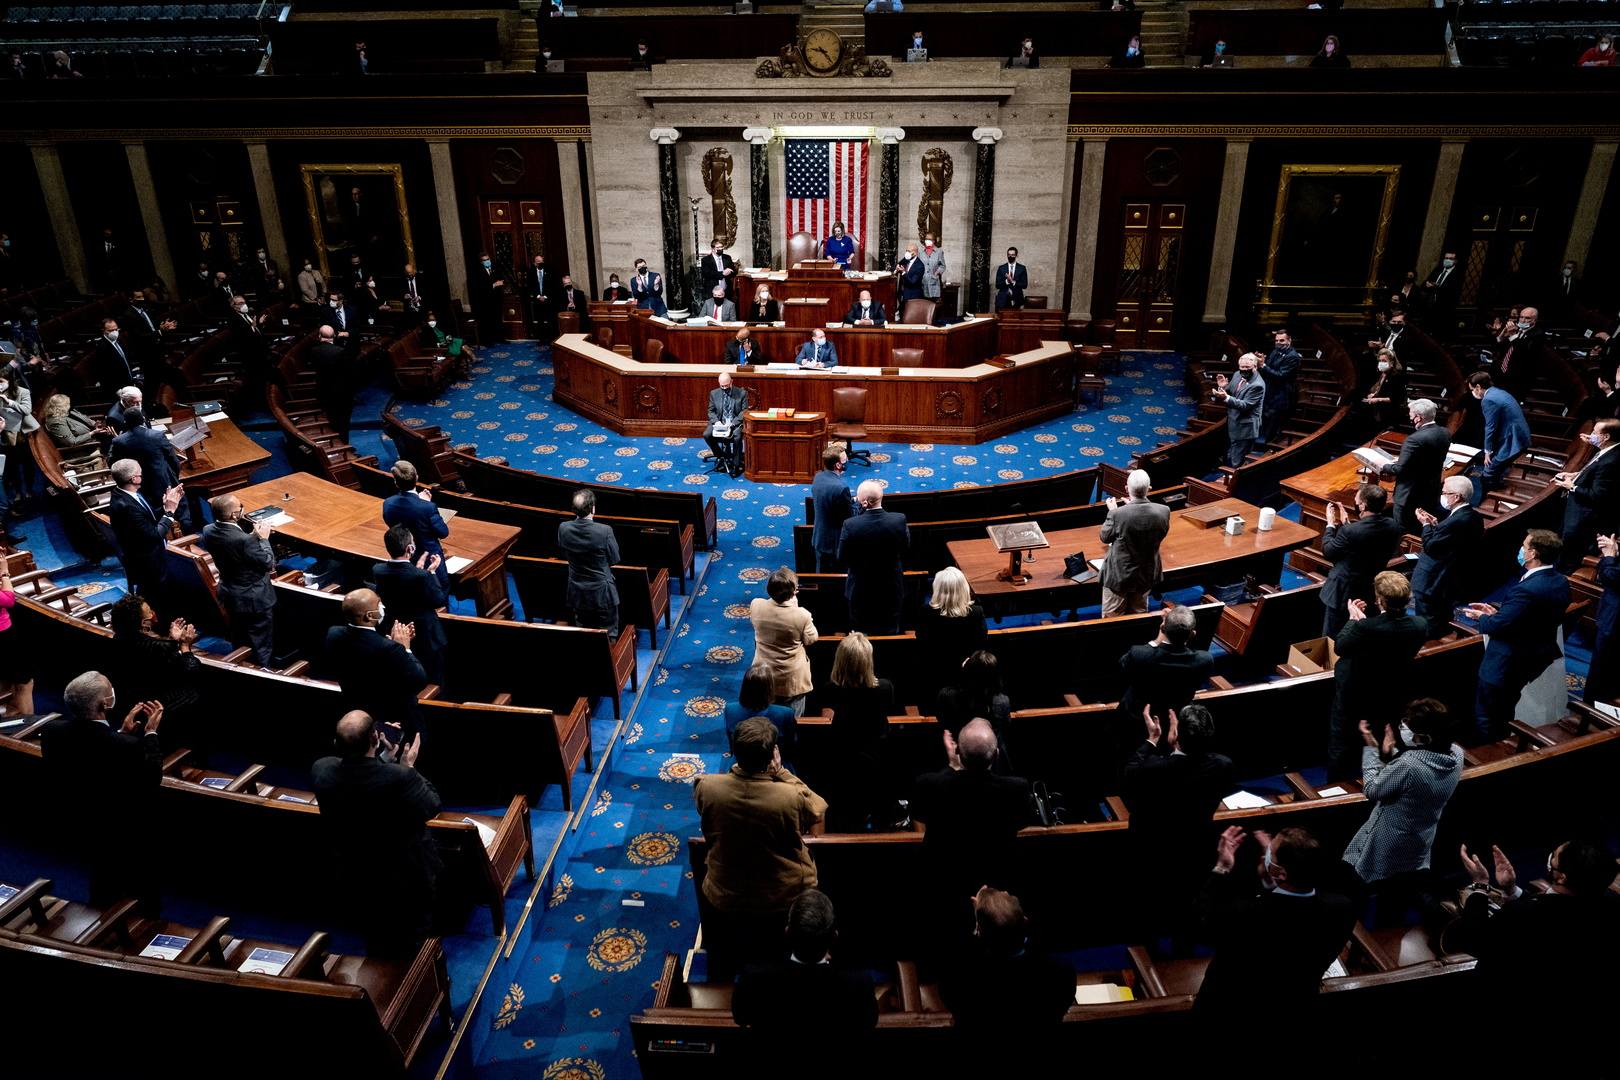 ديمقراطيون في مجلس النواب الأمريكي: مستعدون للمضي قدما في إجراءات عزل ترامب